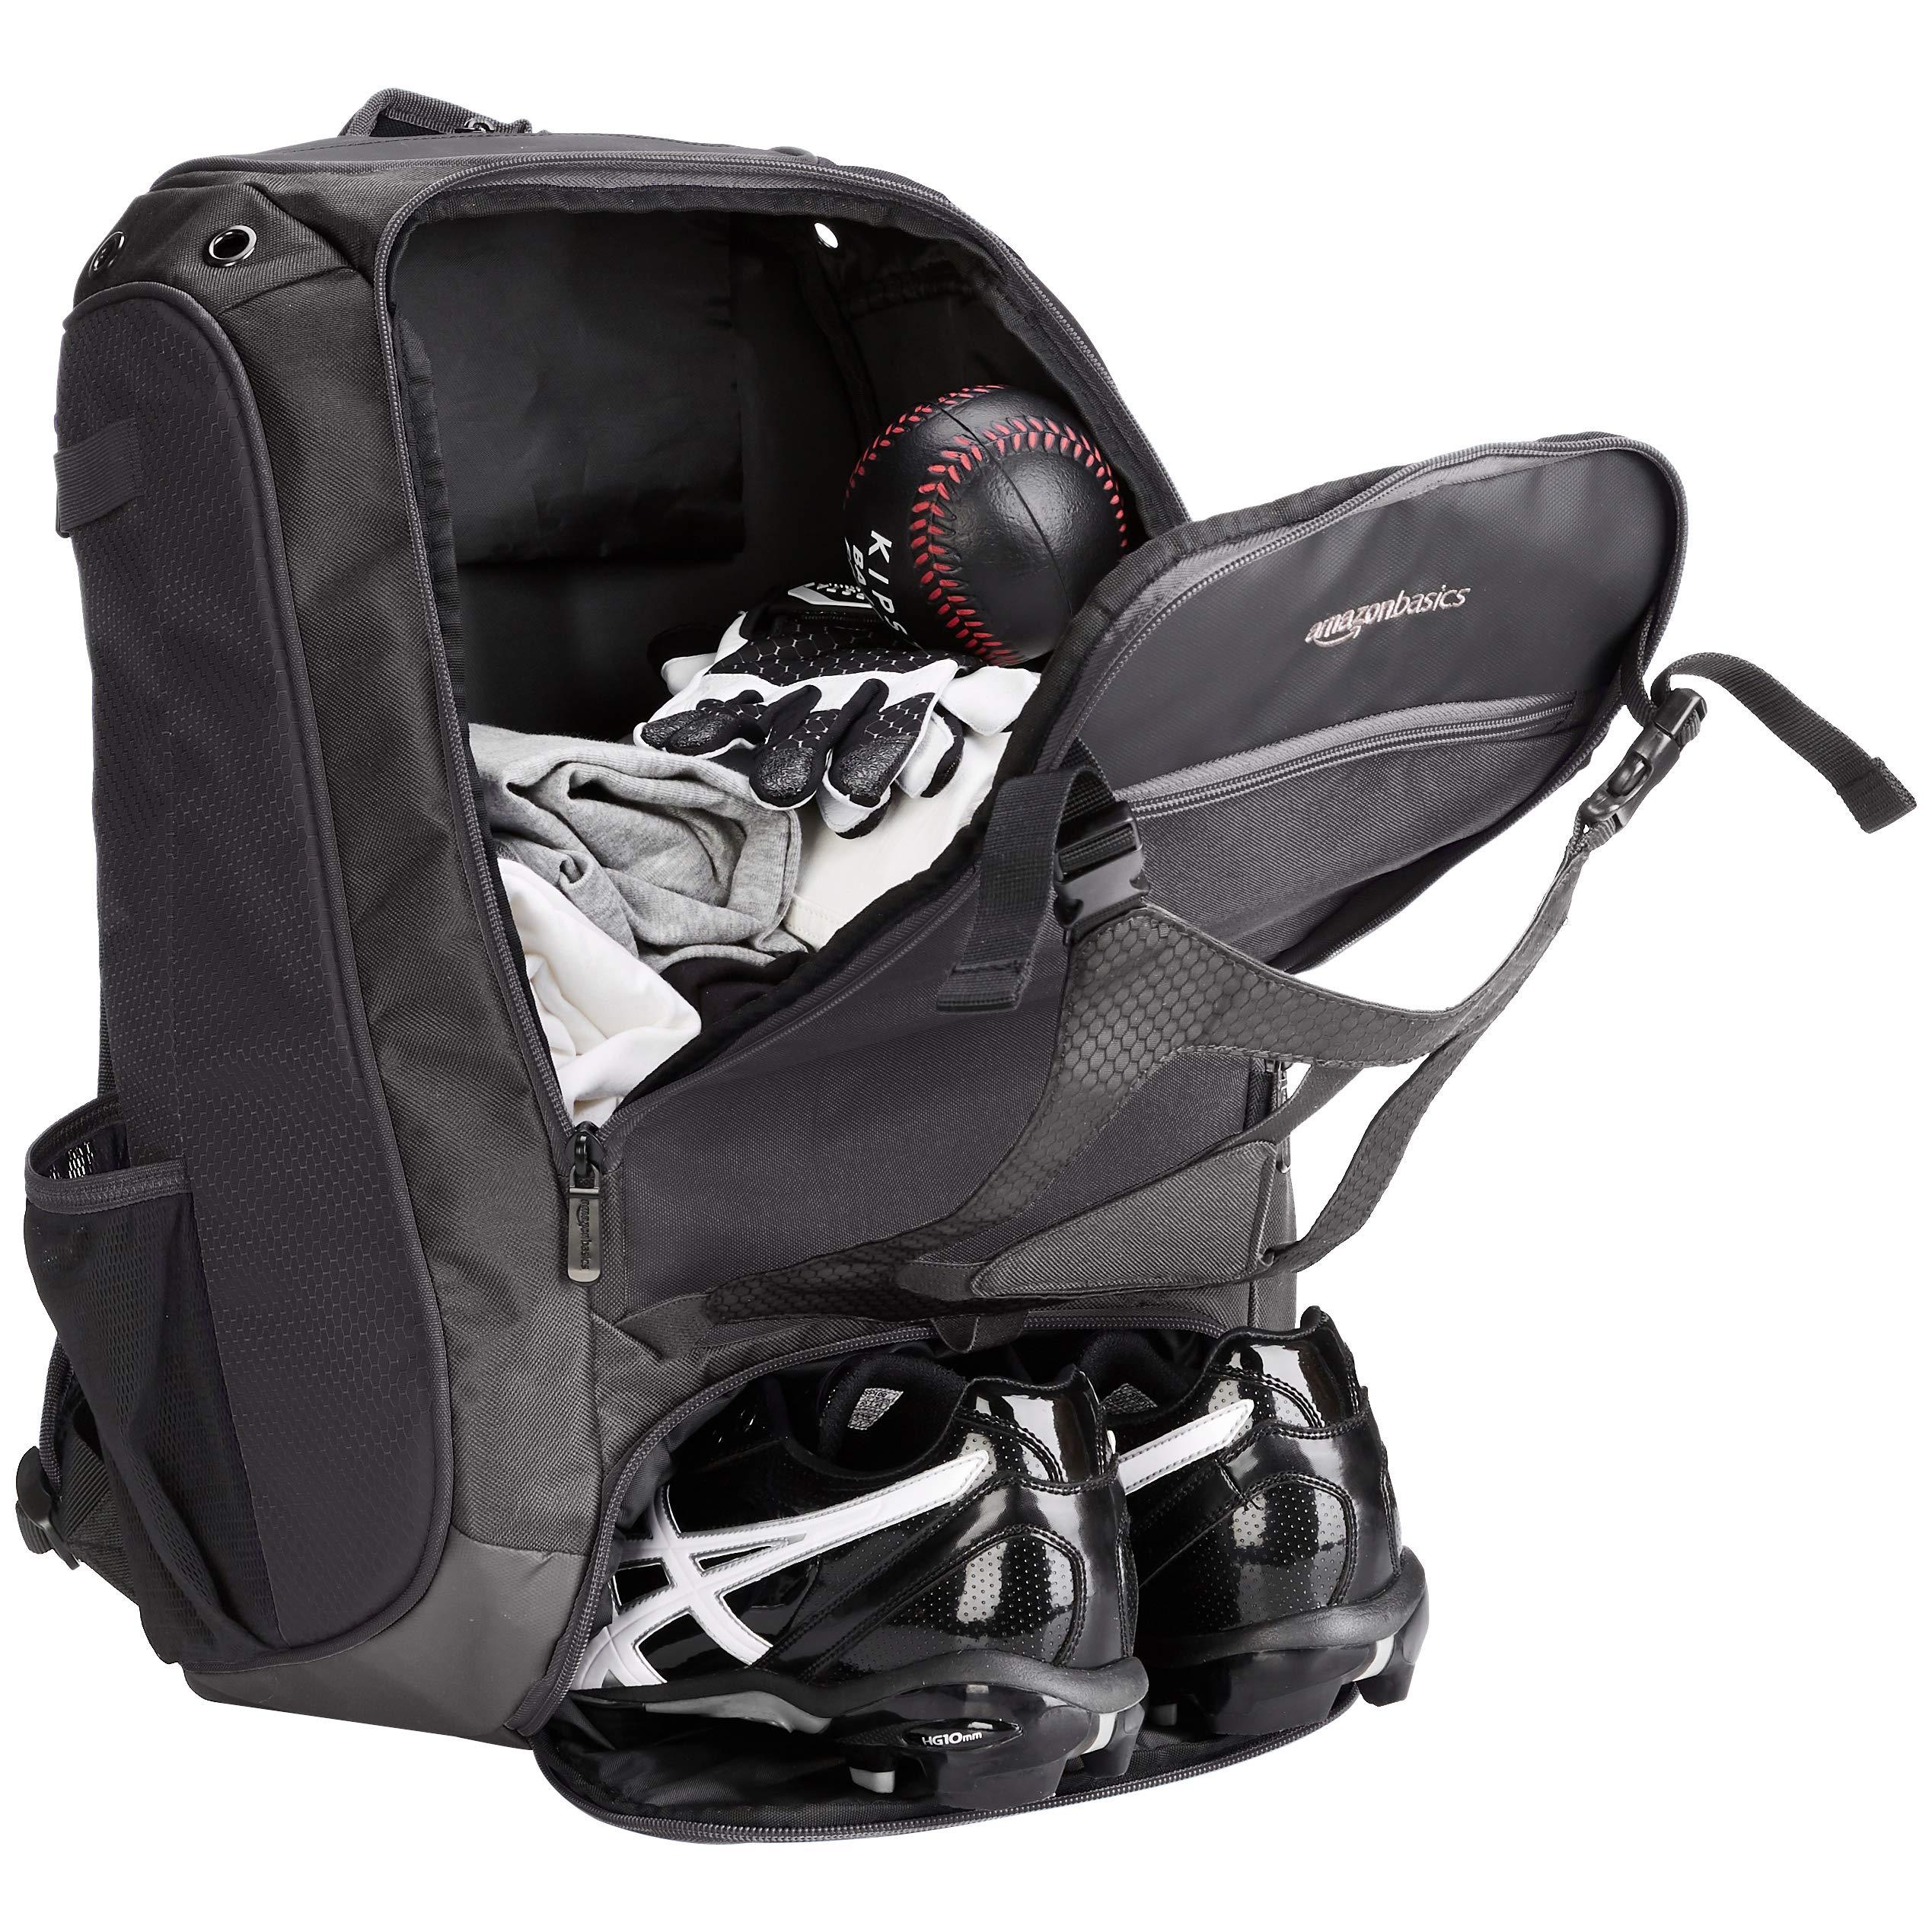 AmazonBasics Youth Baseball Equipment Backpack, Black by AmazonBasics (Image #4)